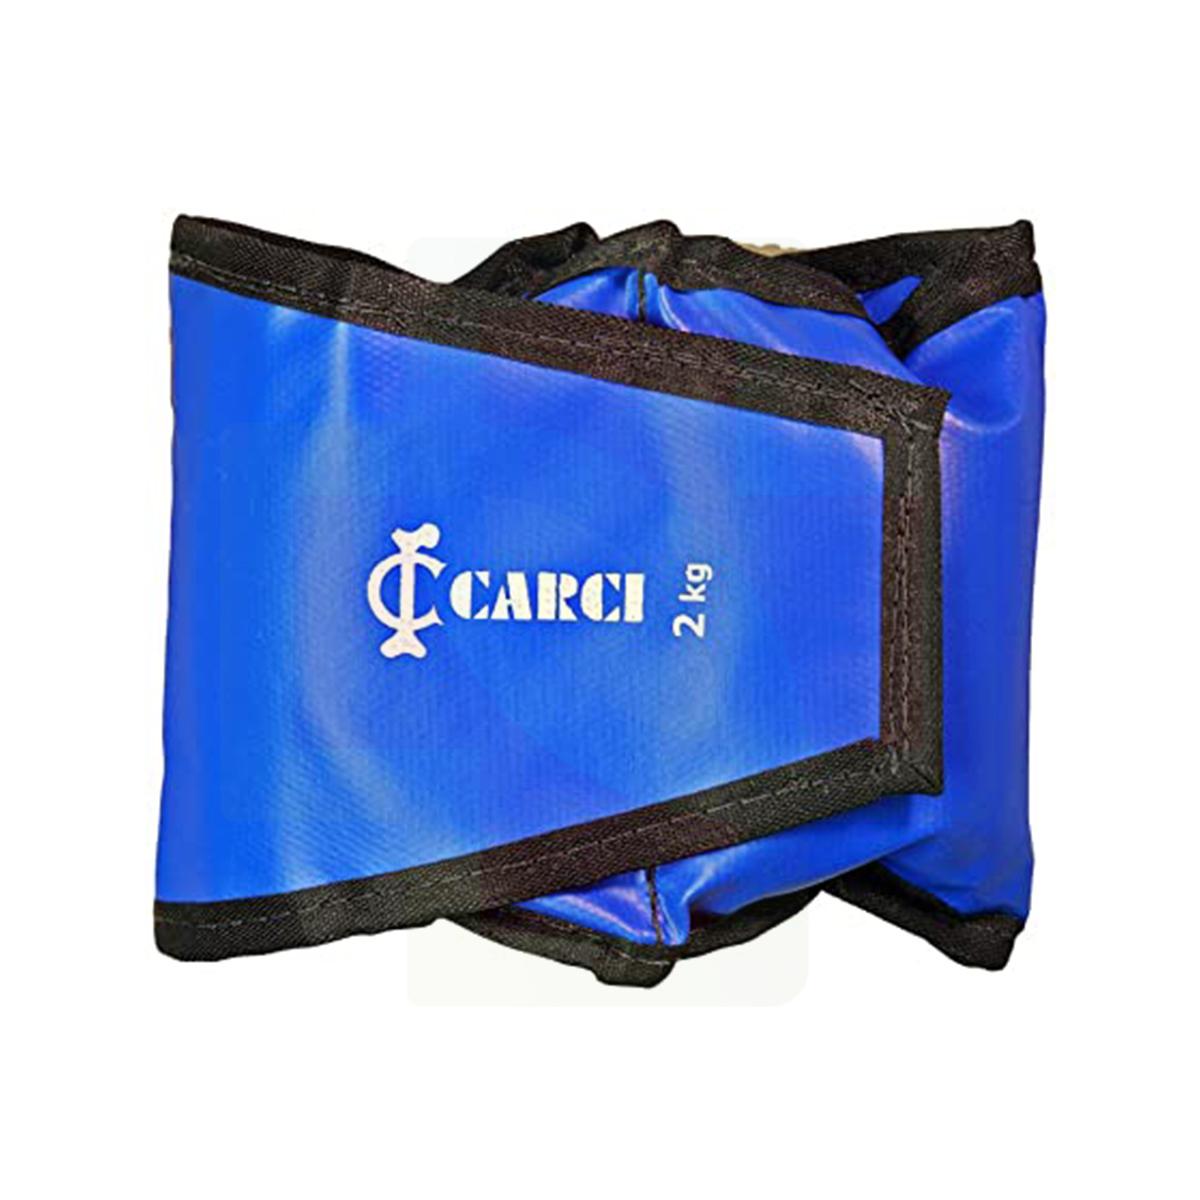 CANELEIRA TORNOZELEIRA 2 KG (UNID) 04019 - CARCI